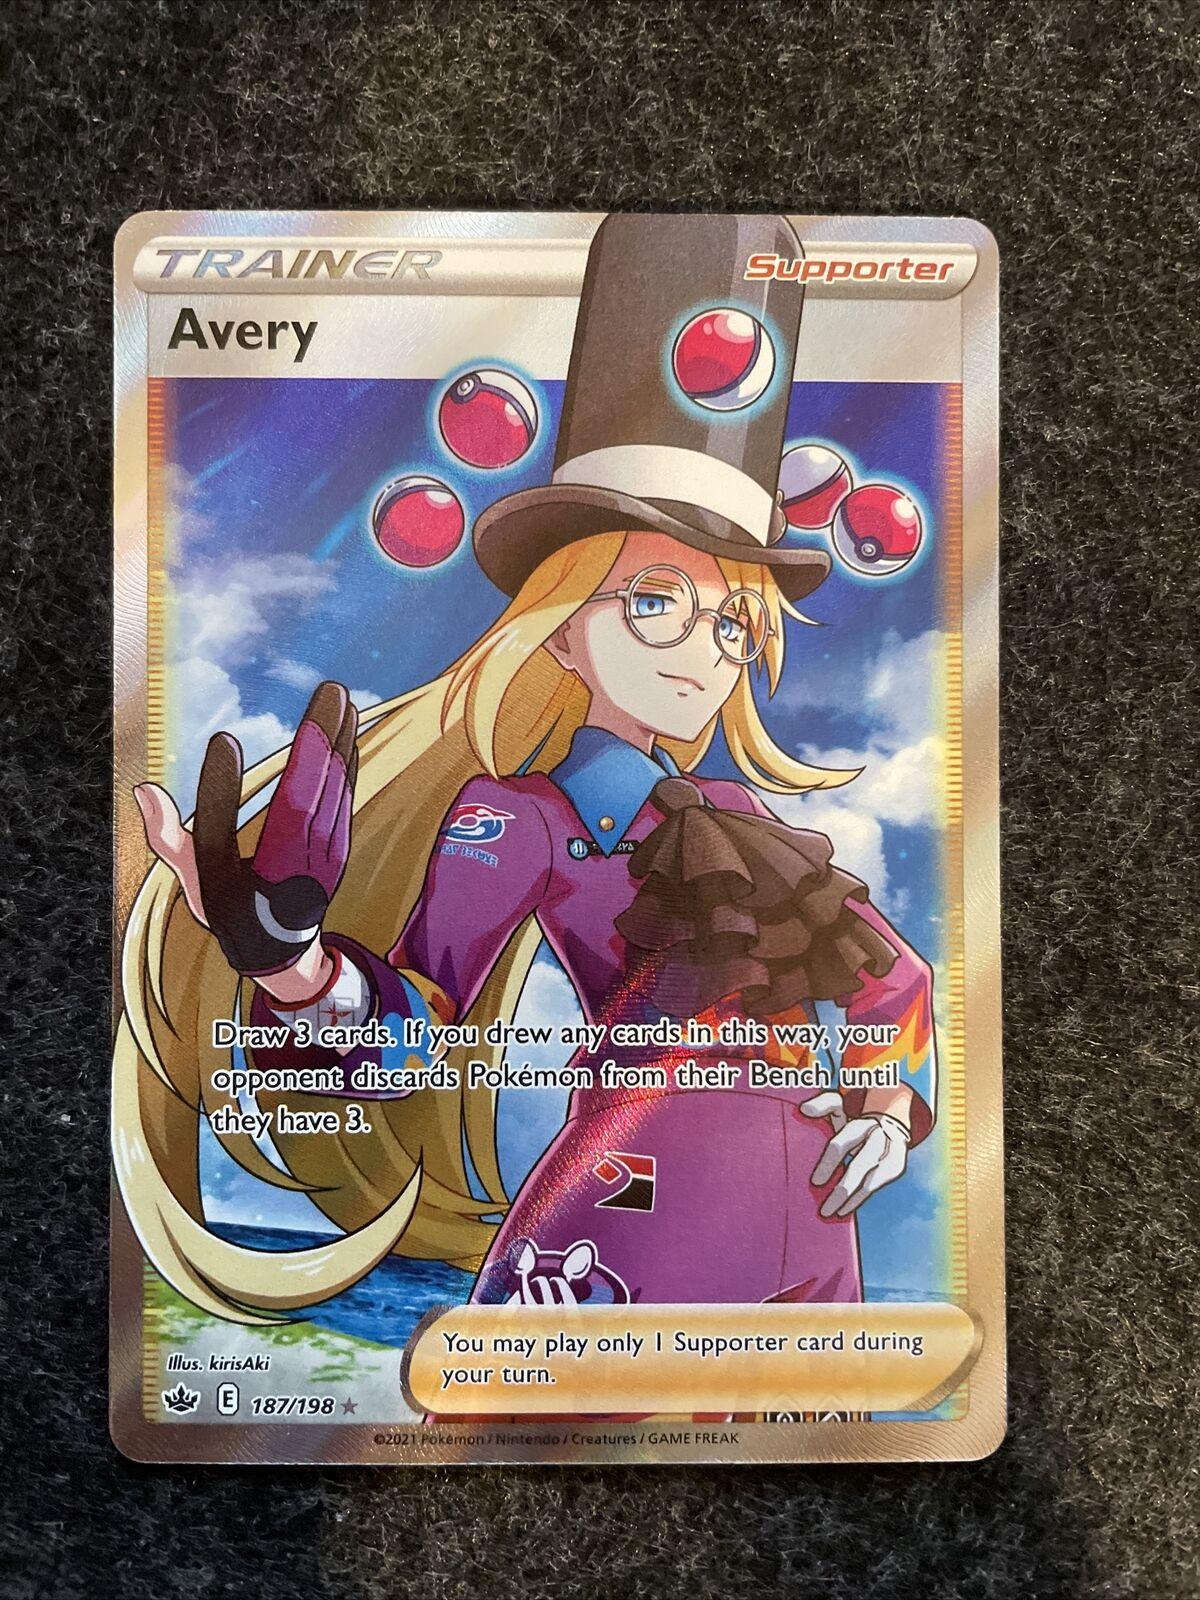 Avery Full Art Trainer 187/198 Pokemon Card Chilling Reign